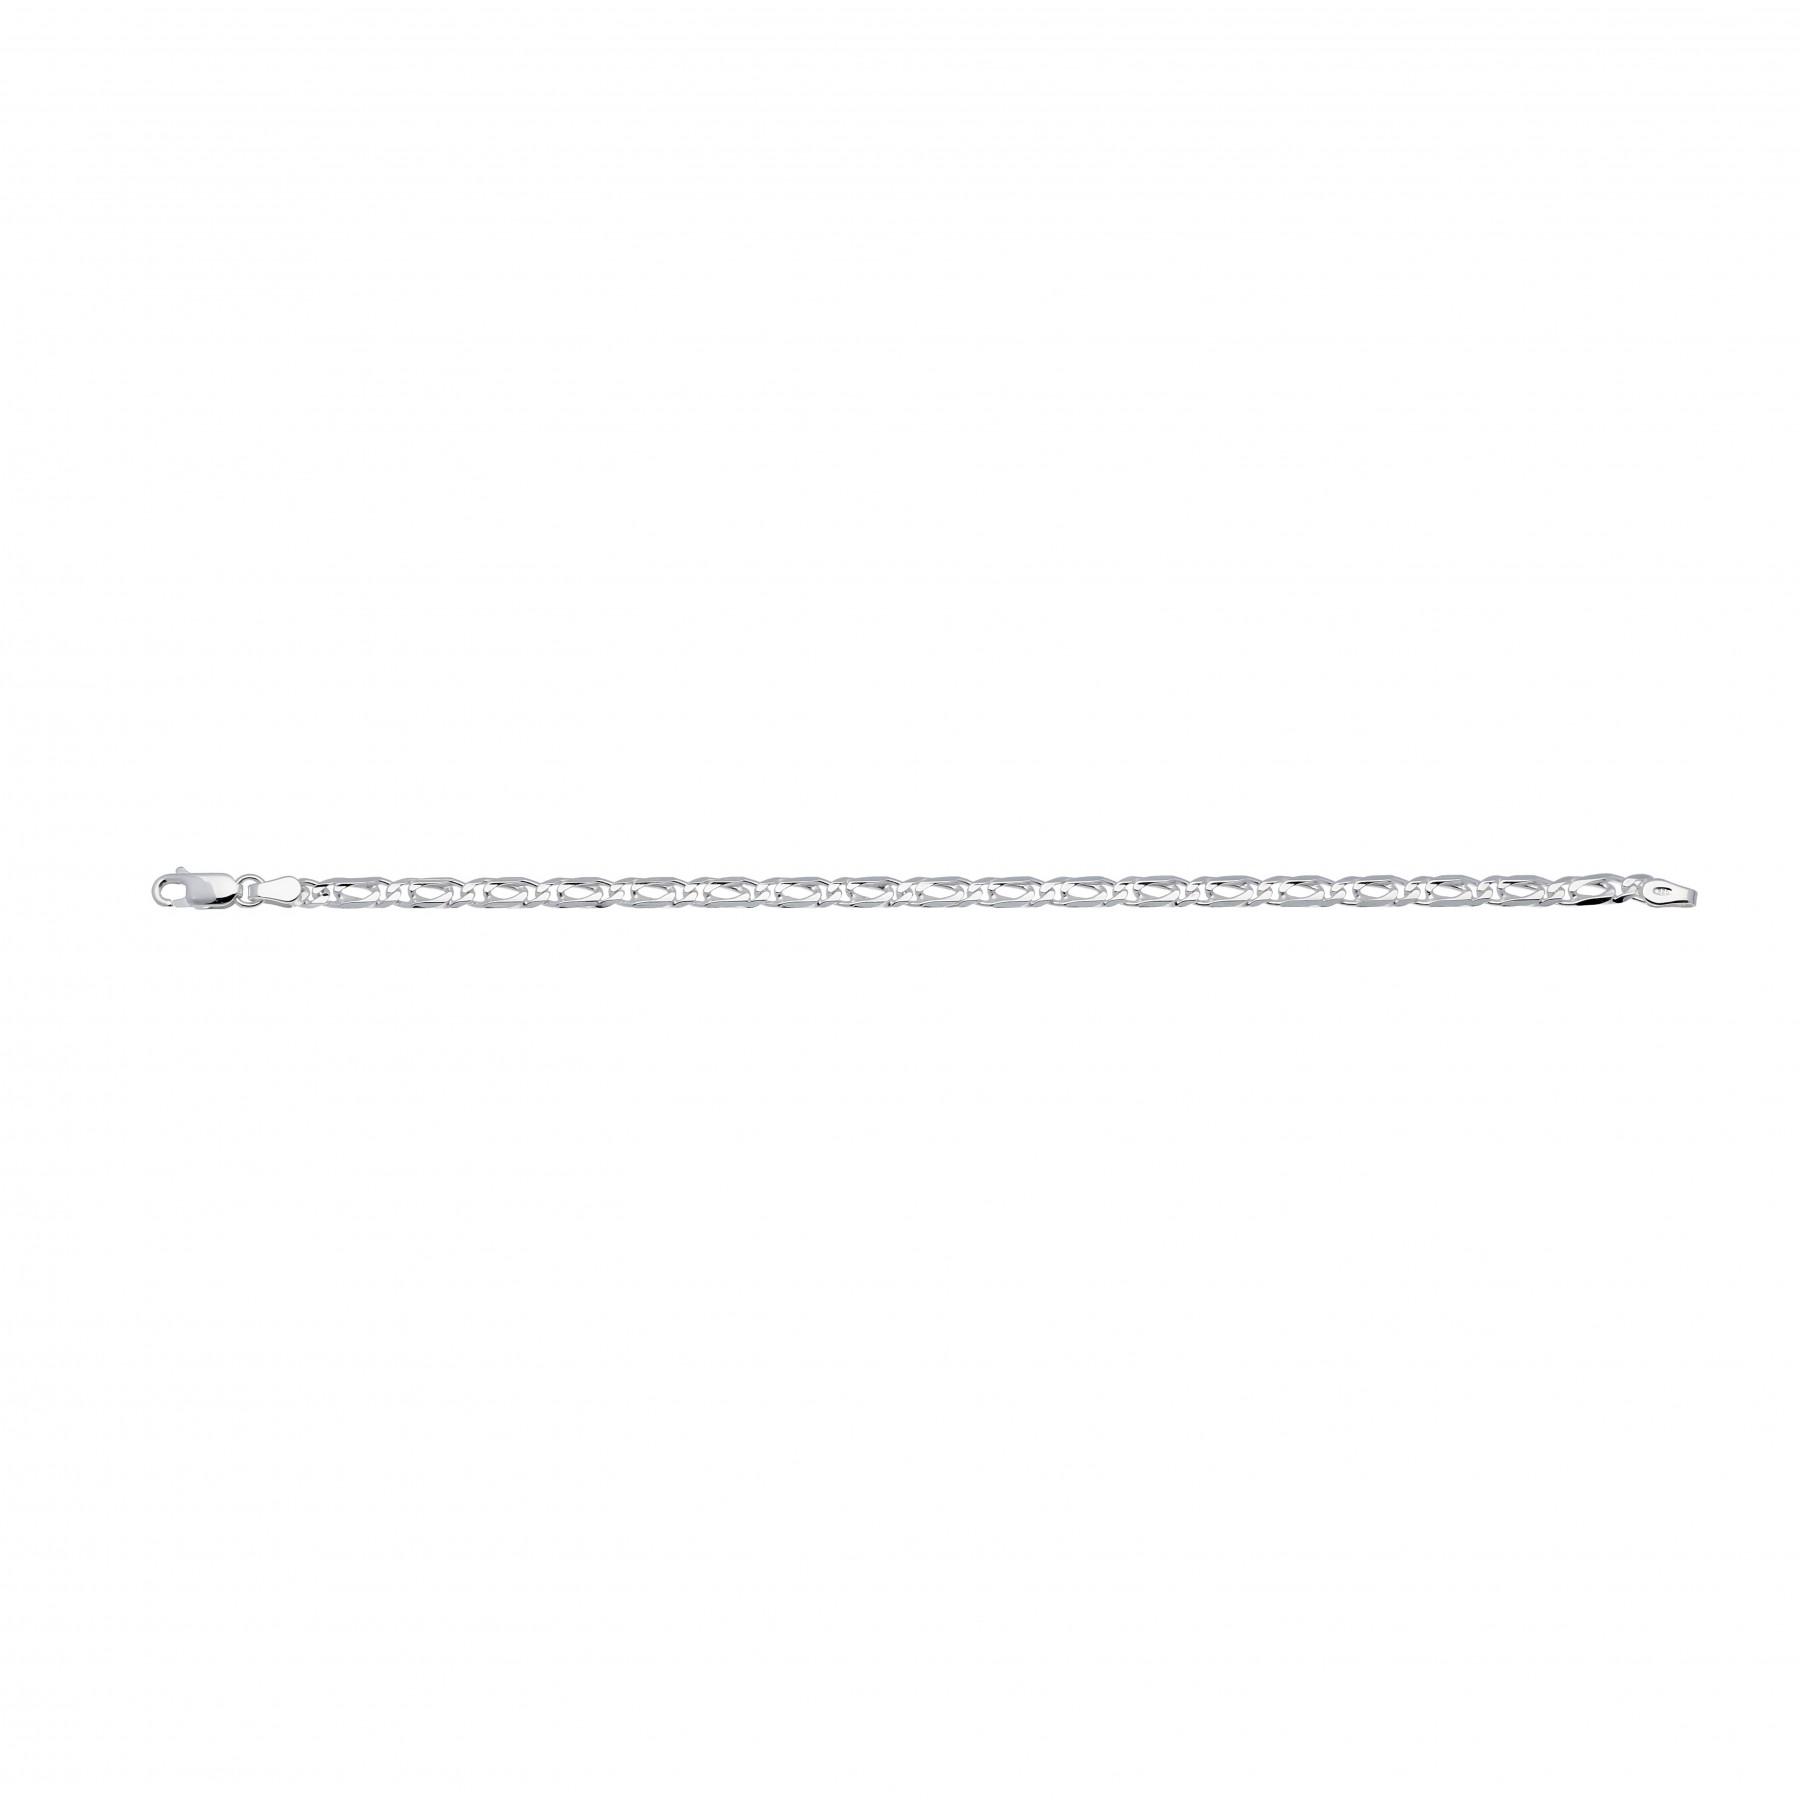 Zilveren schakelarmband best basics Valkenoog - 4.2mm - 19cm 104.0145.19